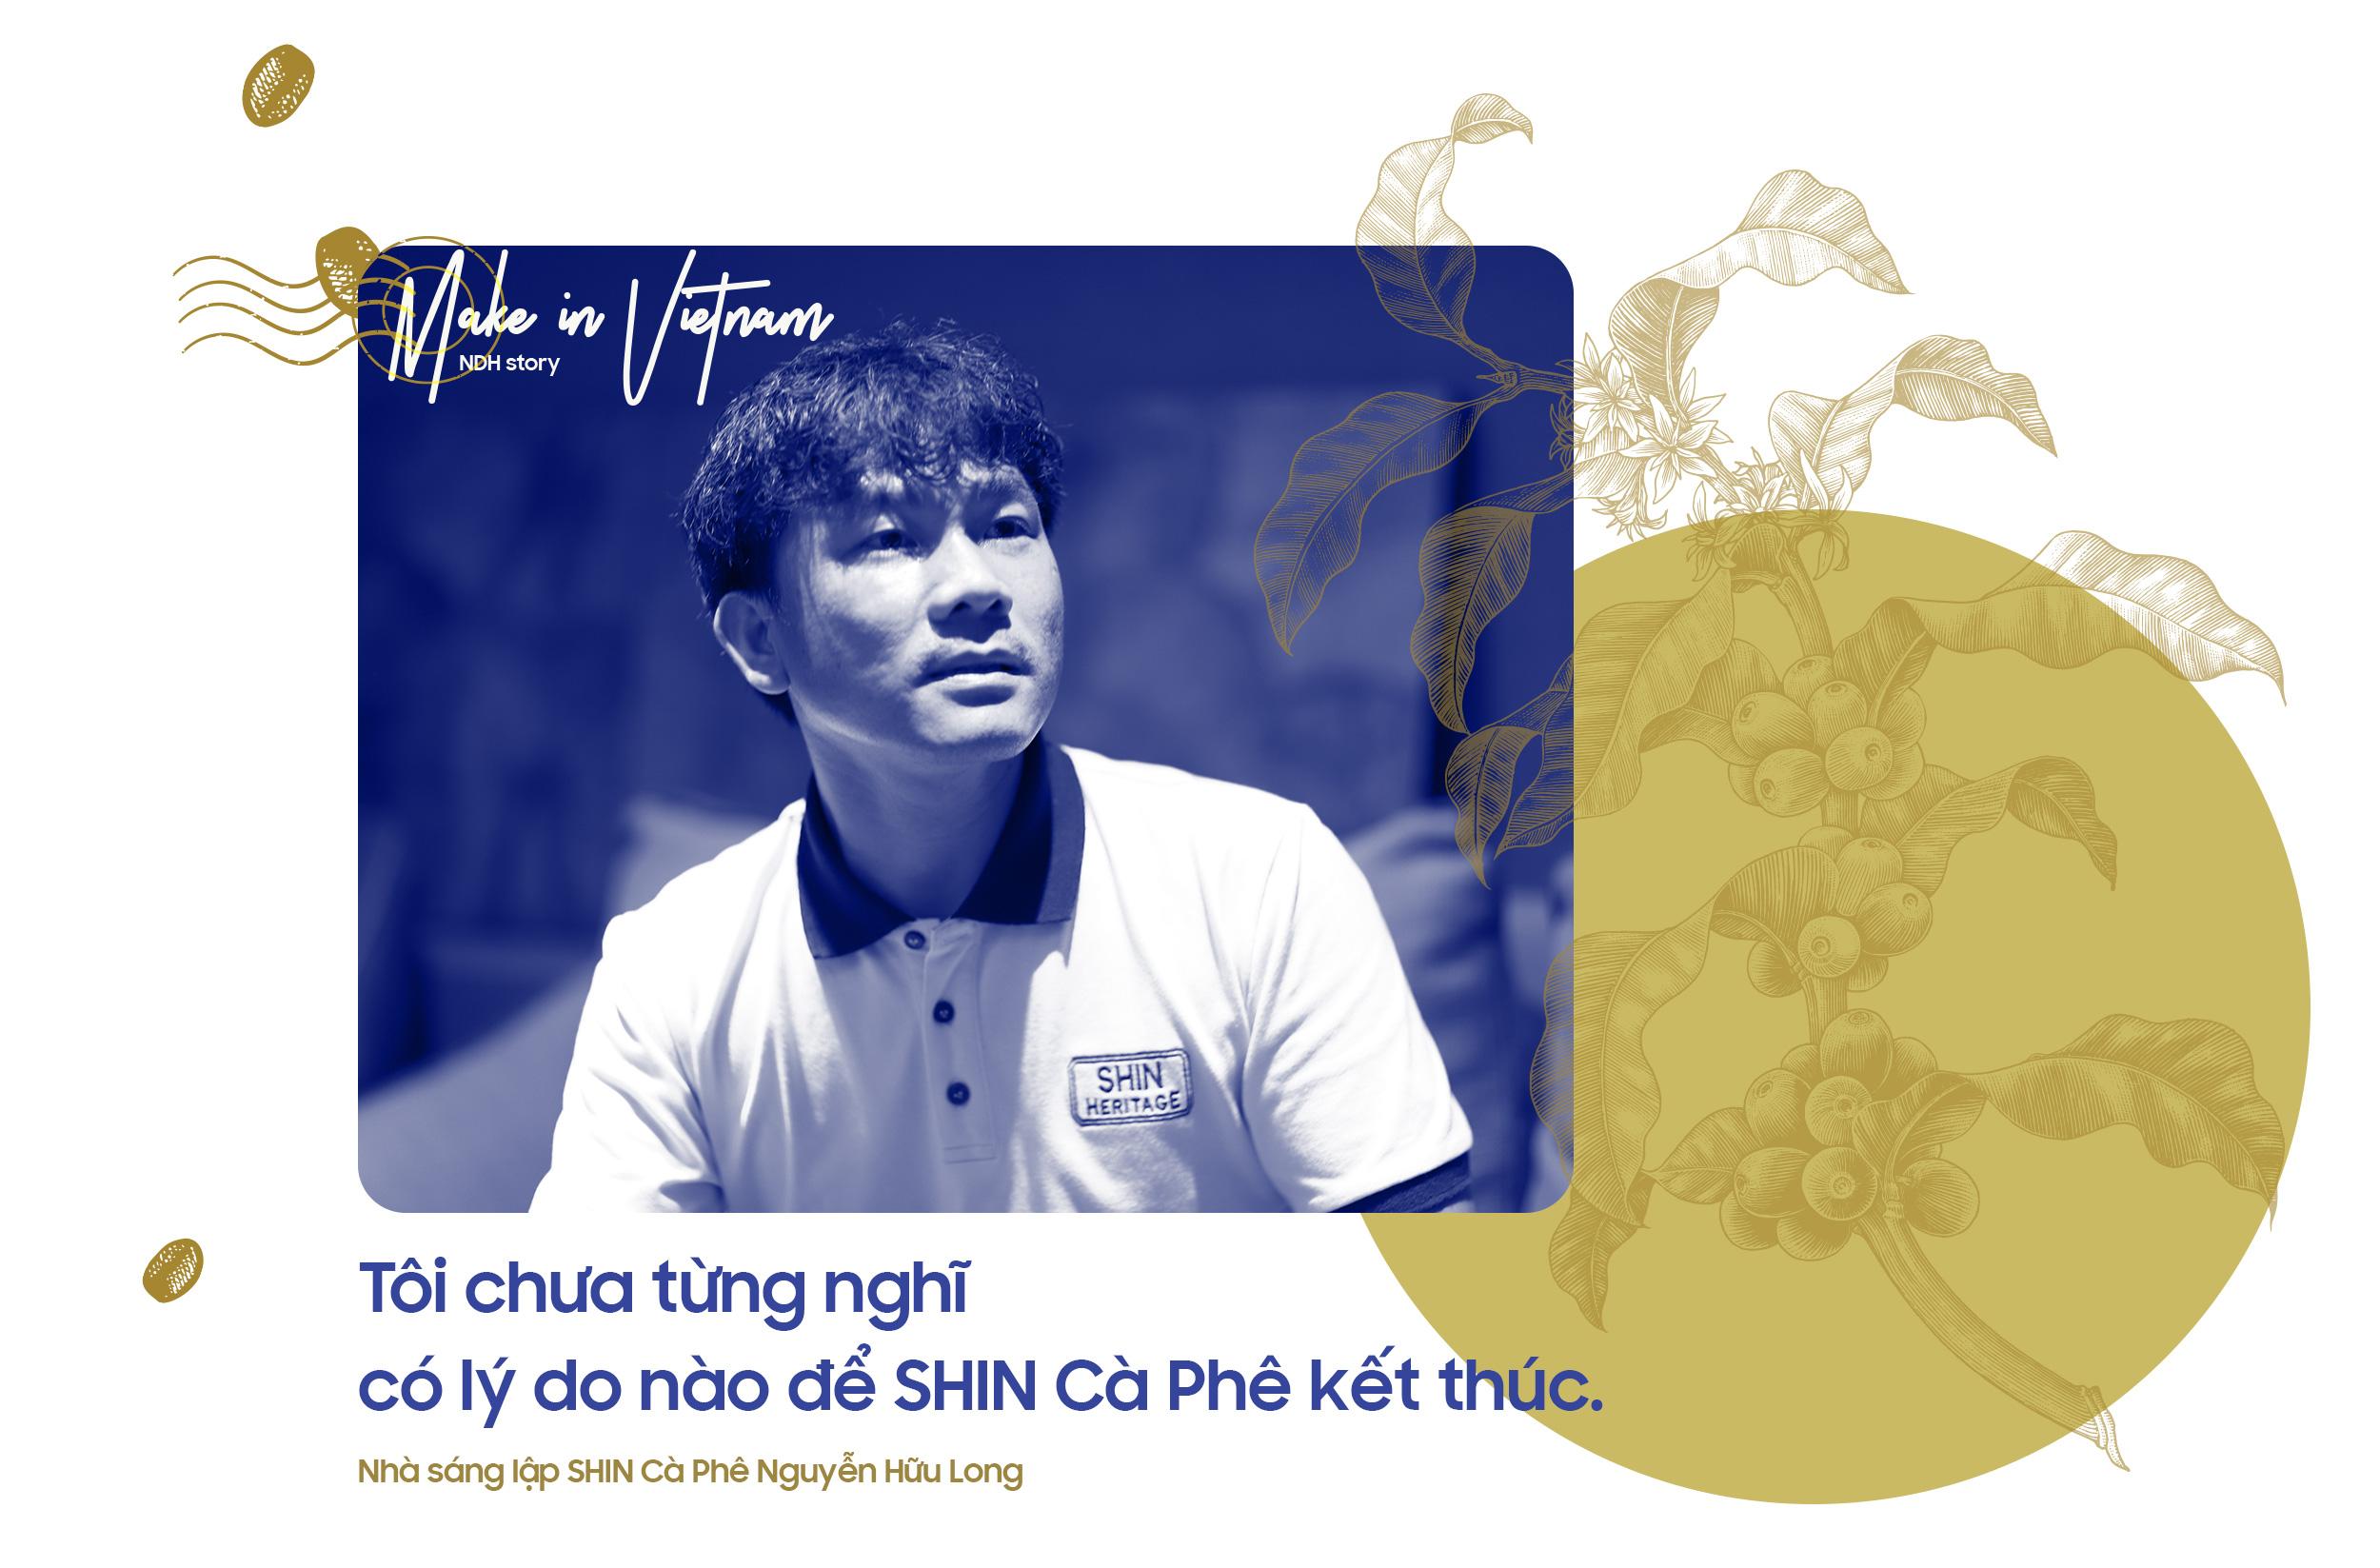 Nhà sáng lập SHIN Cà Phê Nguyễn Hữu Long: Hành trình nâng tầm cà phê thành sản vật quốc gia - Ảnh 11.